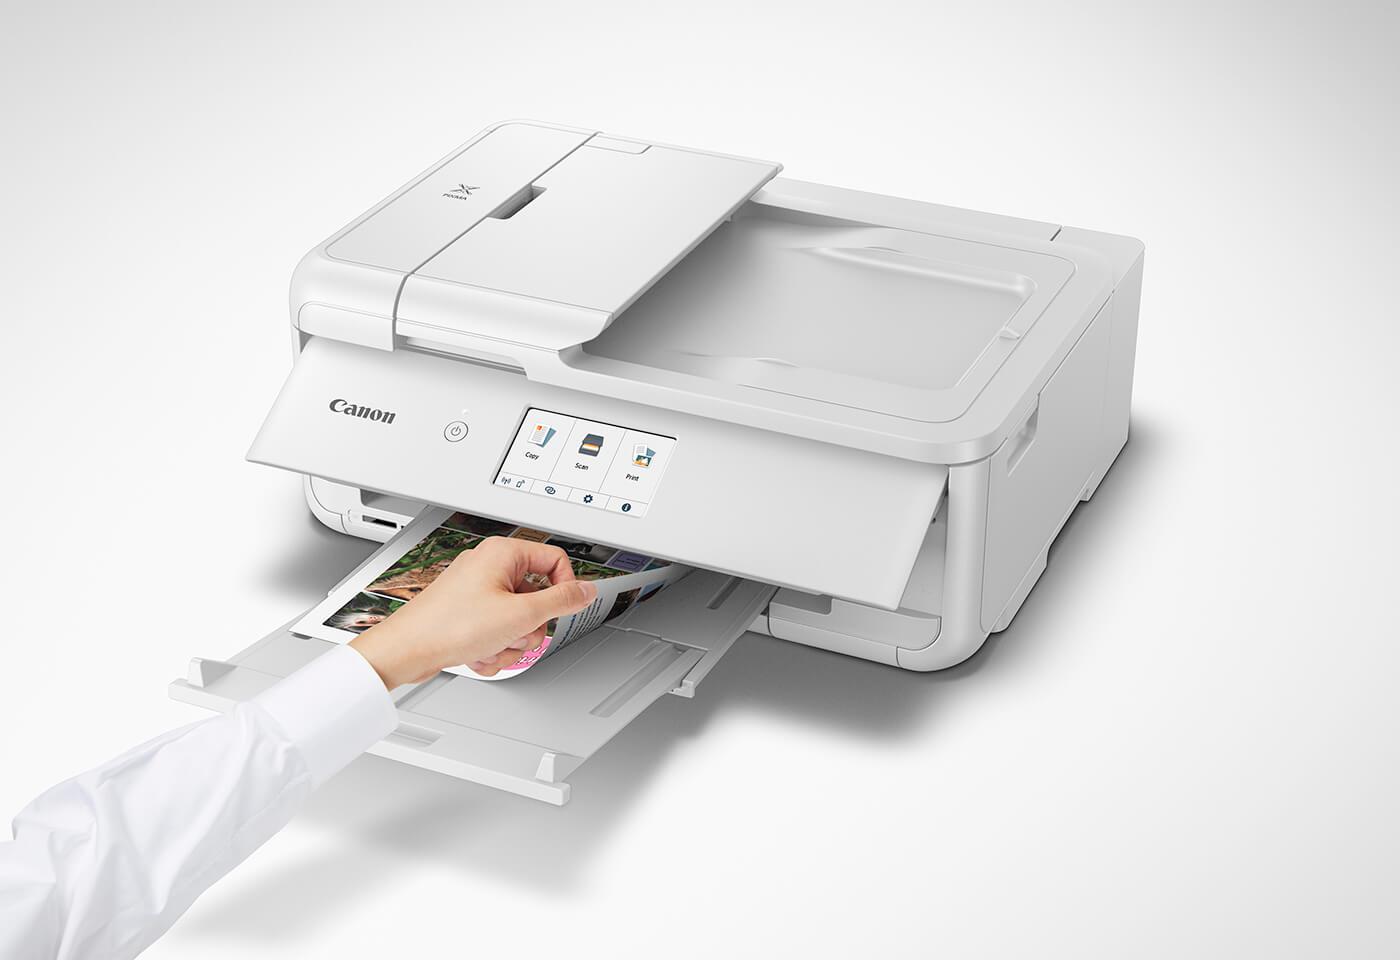 TS9565 printing